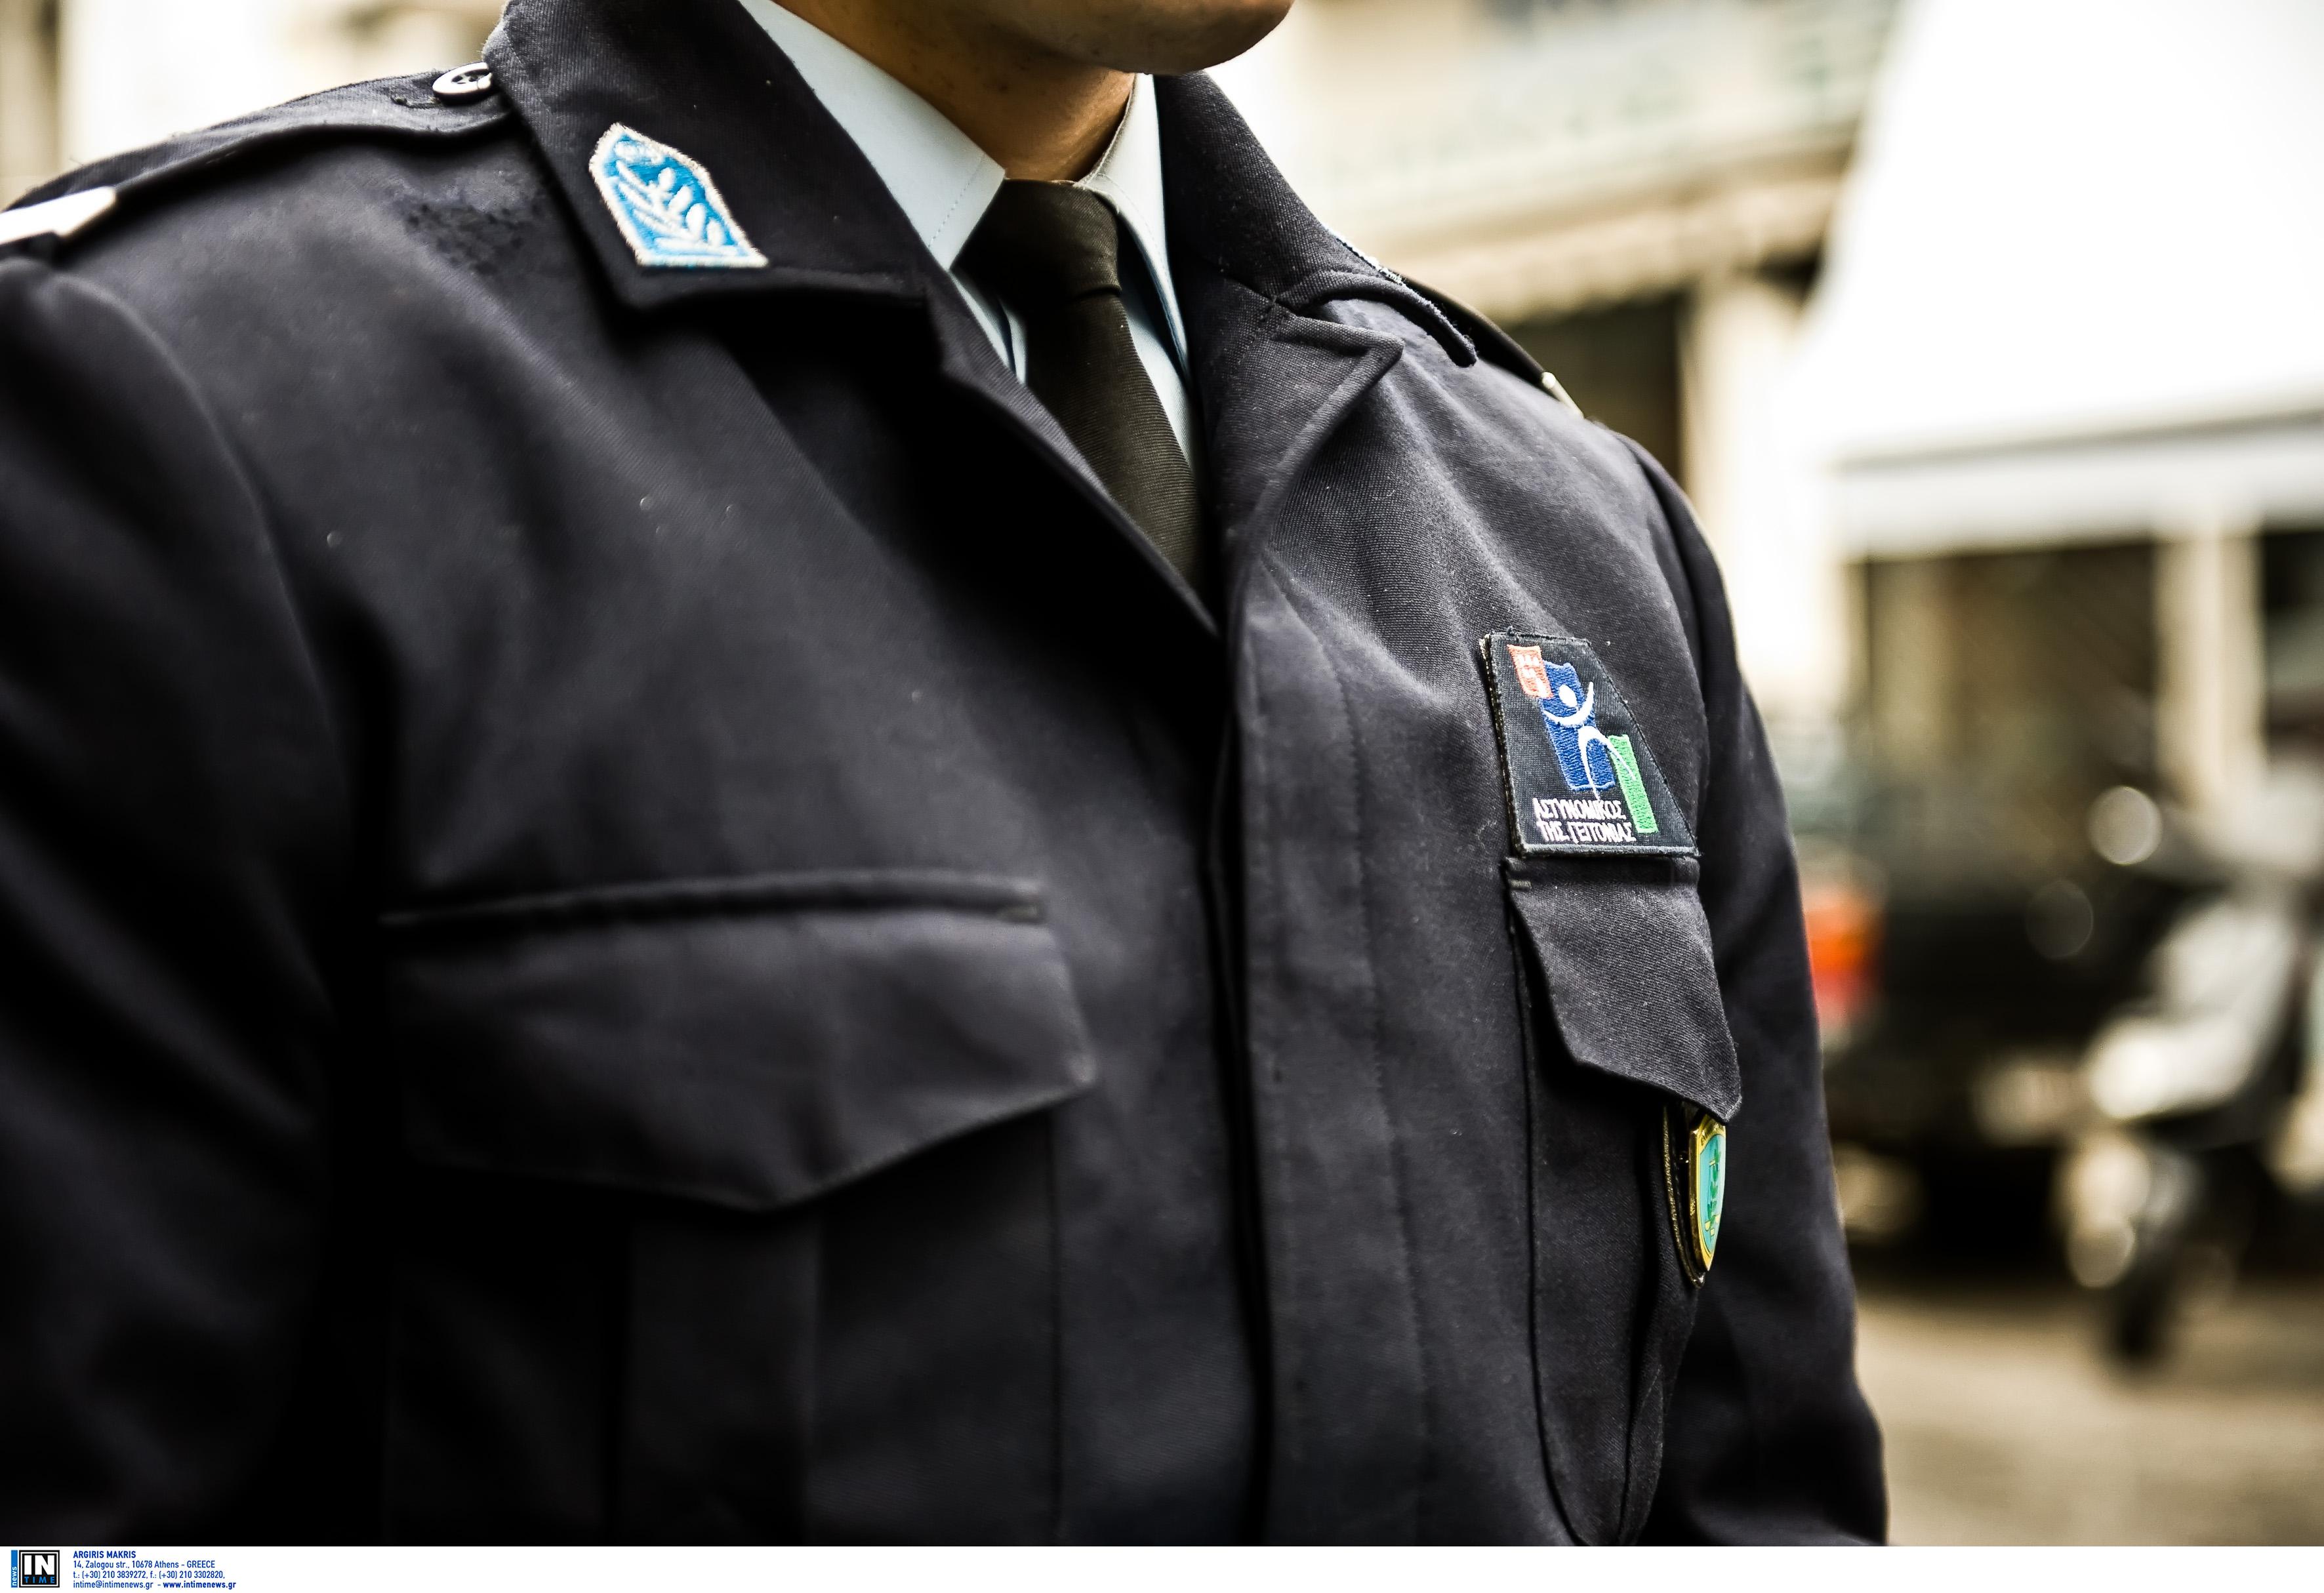 Αξιωματικοί της αστυνομίας ζήτησαν και πήραν φακελάκι 10.000 ευρώ – Οι συλλήψεις και η άγνωστη αλήθεια!